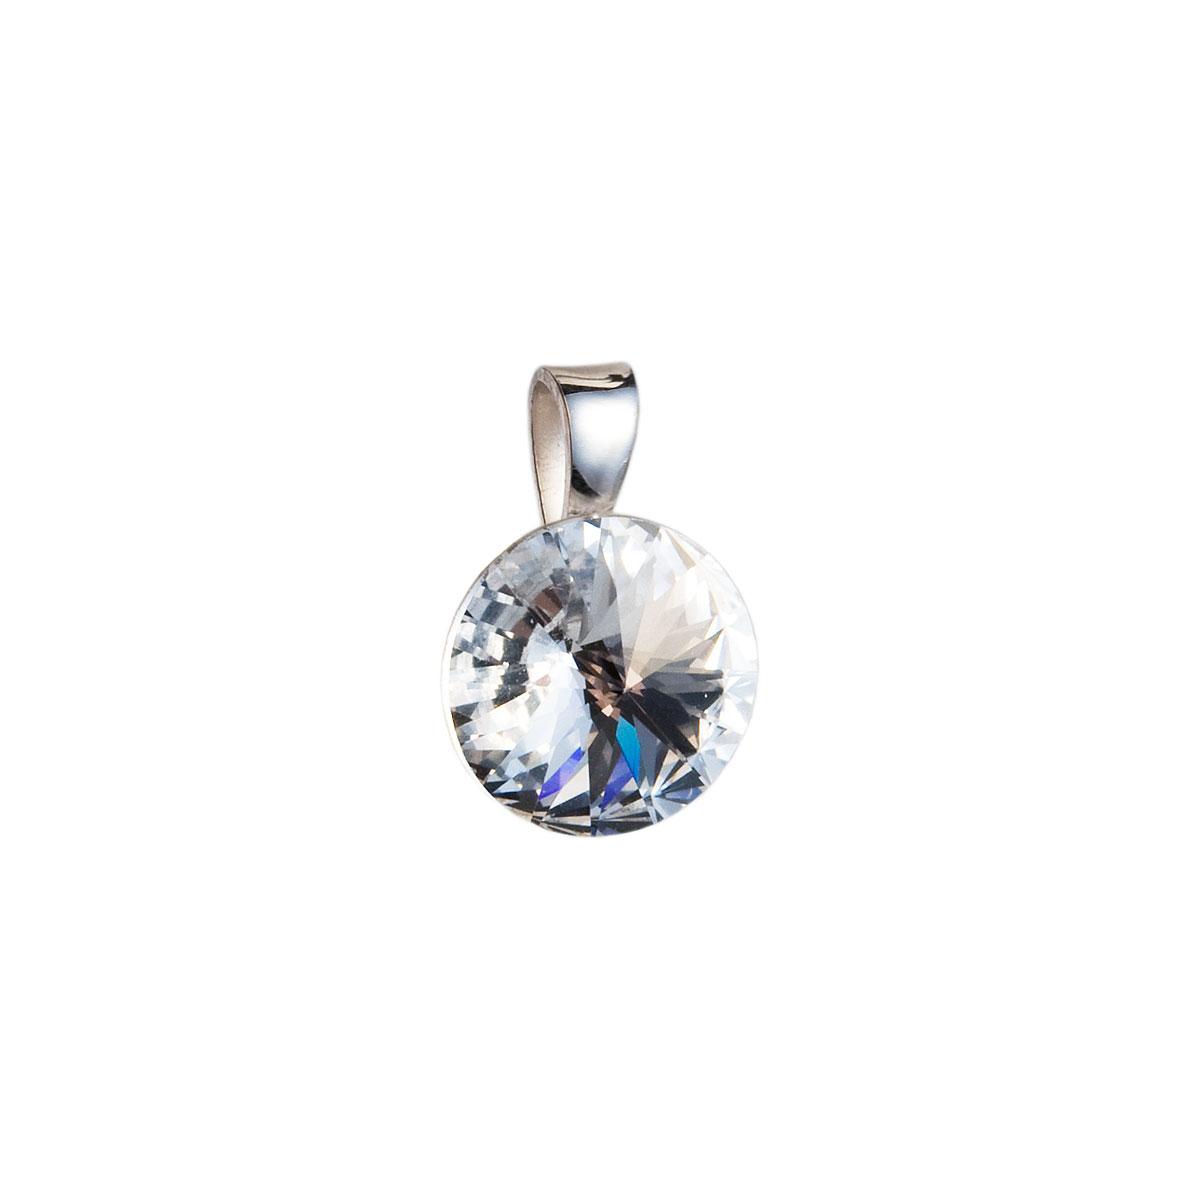 Strieborný prívesok s krištáľmi Swarovski biely okrúhly-rivoli 34112.1